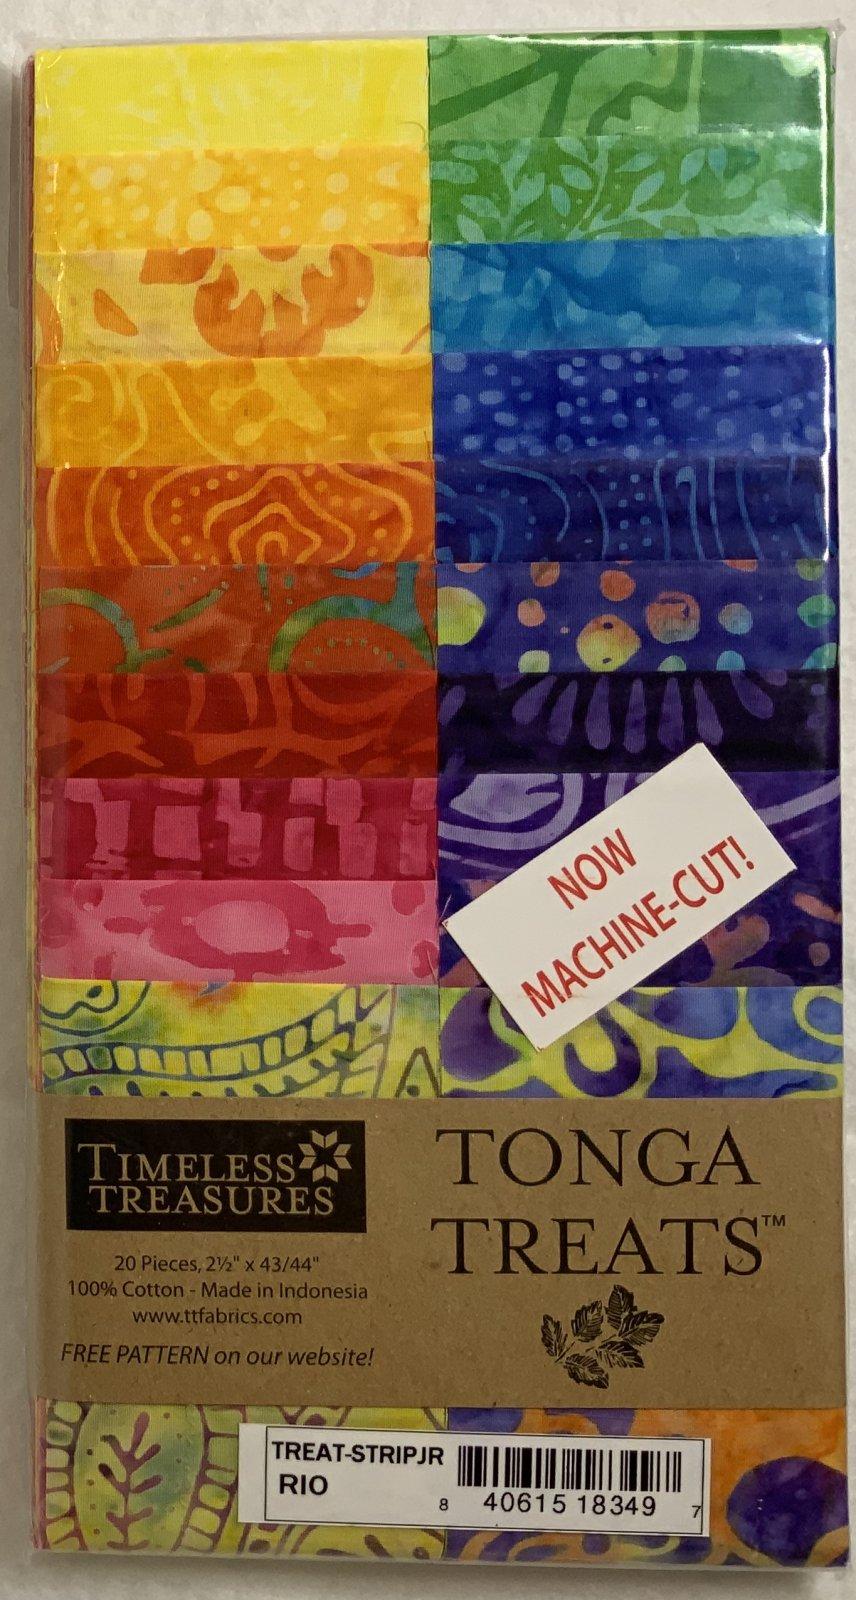 Tonga Treat Strip JR Rio, (20 pcs 2.5 x44) - Timeless Treasures